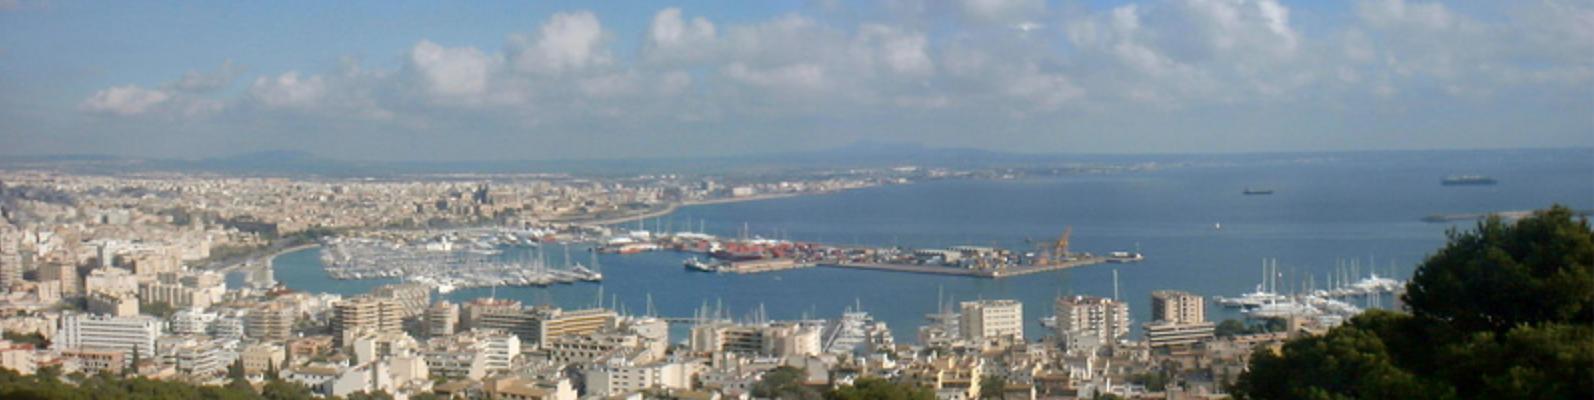 Property Lawyer in Palma de Mallorca